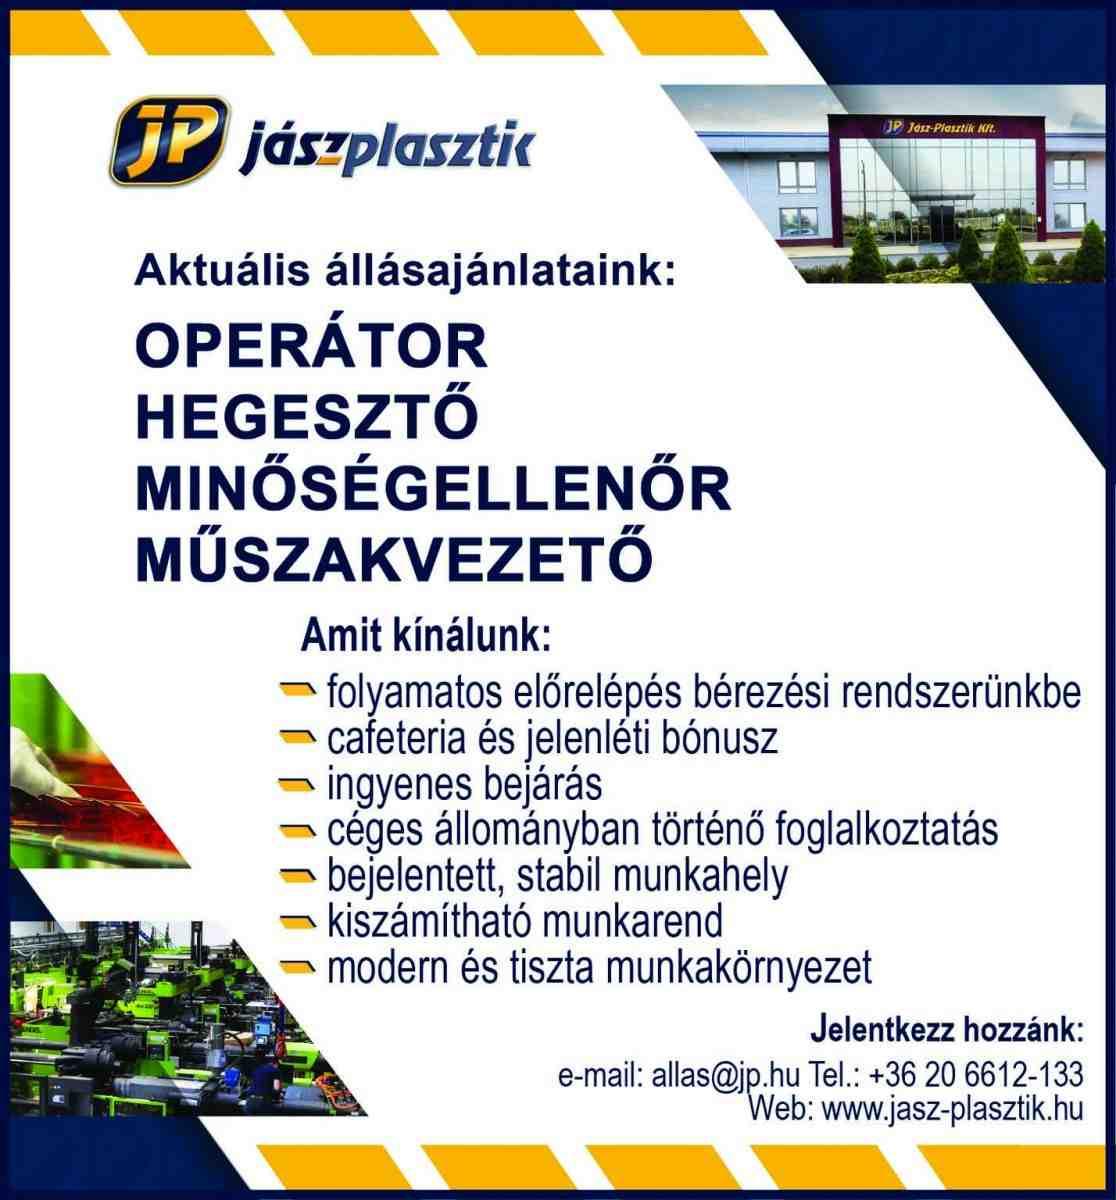 2c9deb4ec674 Operátort, hegesztőt, minőségellenőrt és műszakvezetőt keres a  Jász-Plasztik Kft.